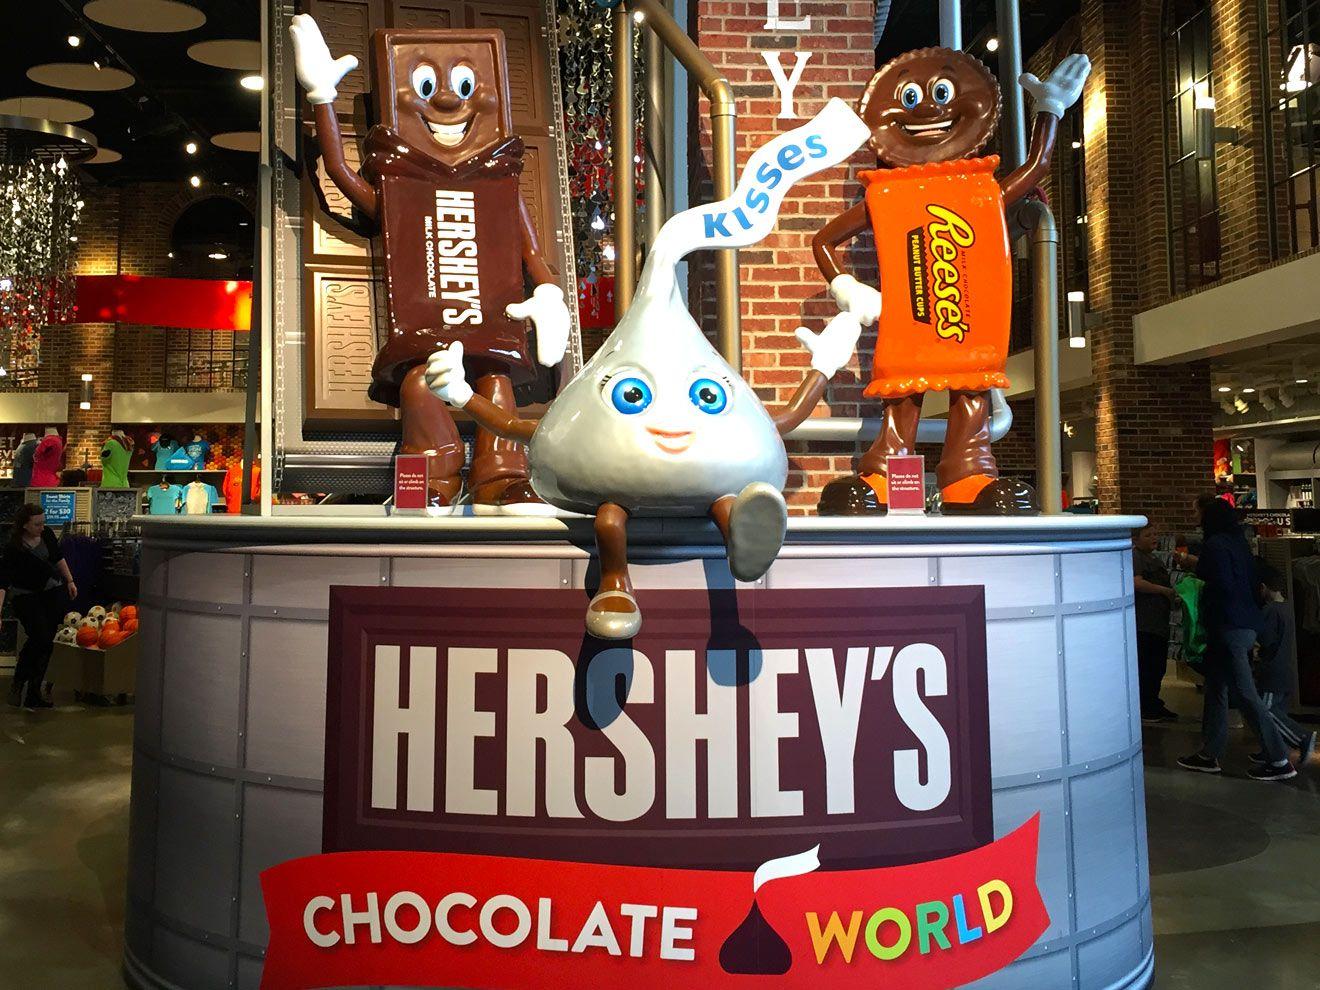 Hershey's Chocolate World in Hershey, PA